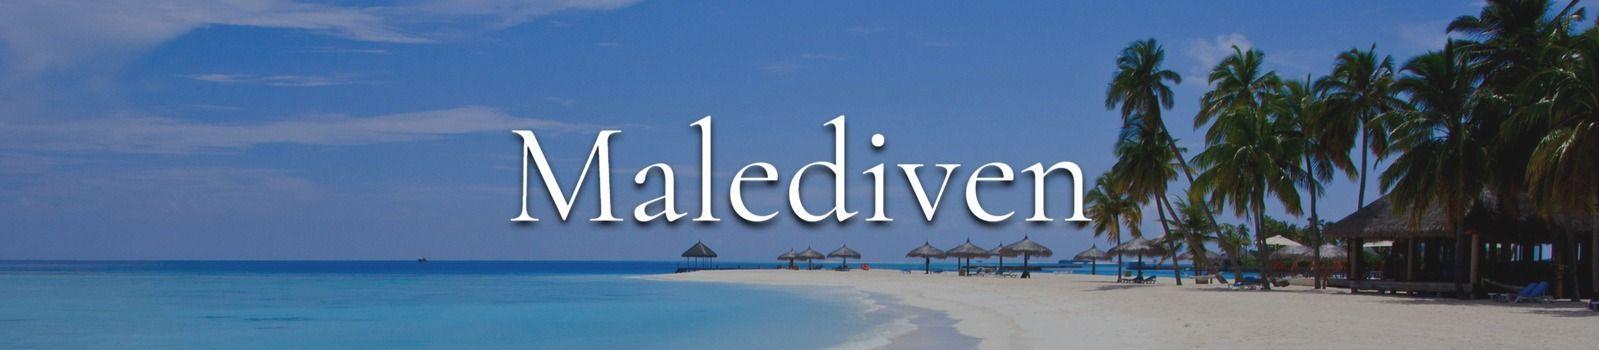 Malediven Banner